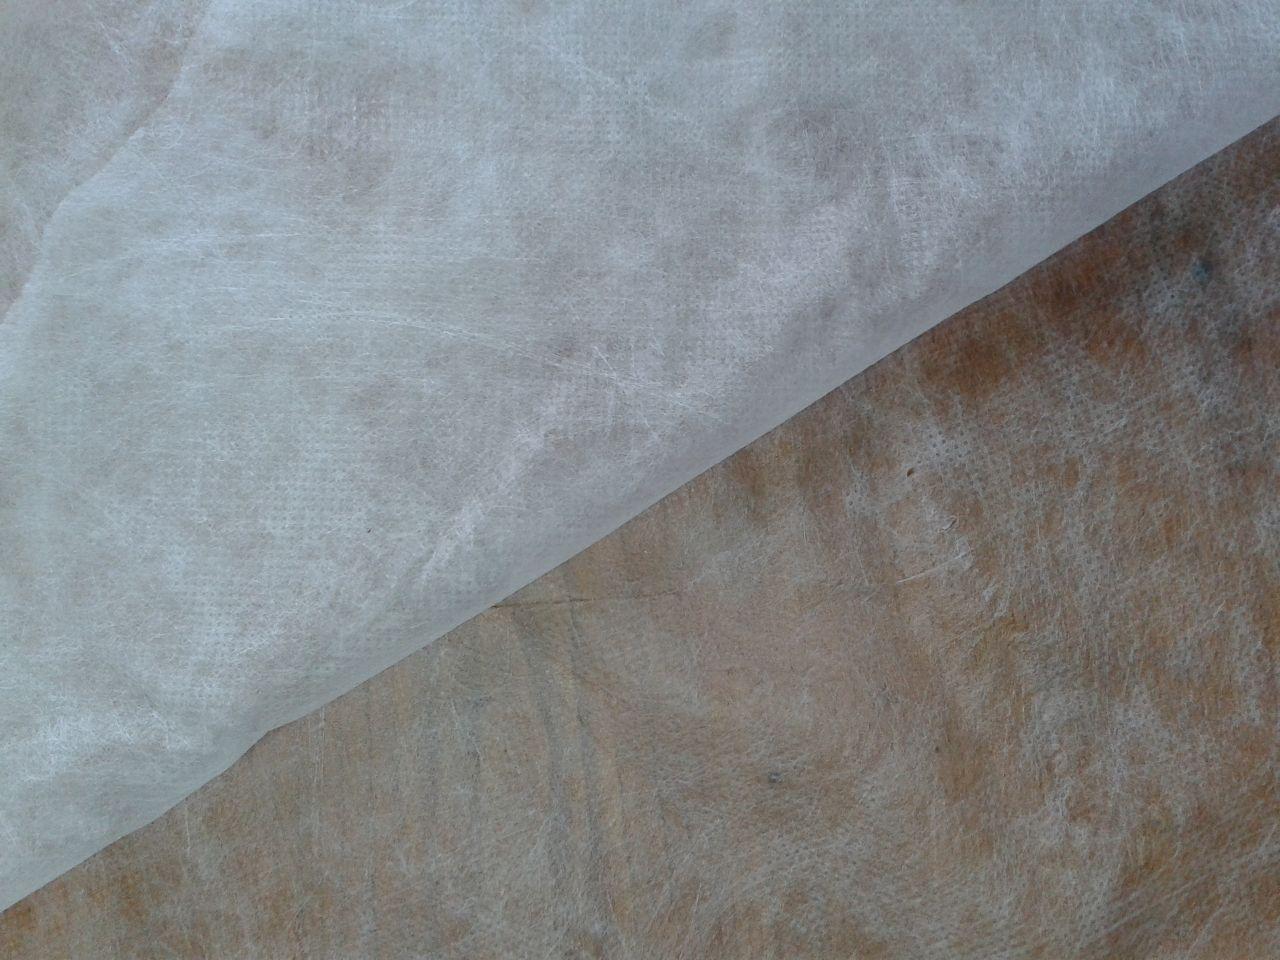 Vatelin mosható · Flíz Flíz · Kárpitos töltőanyag Kárpitos töltőanyag · Méteráru  webáruház 883dfa95be